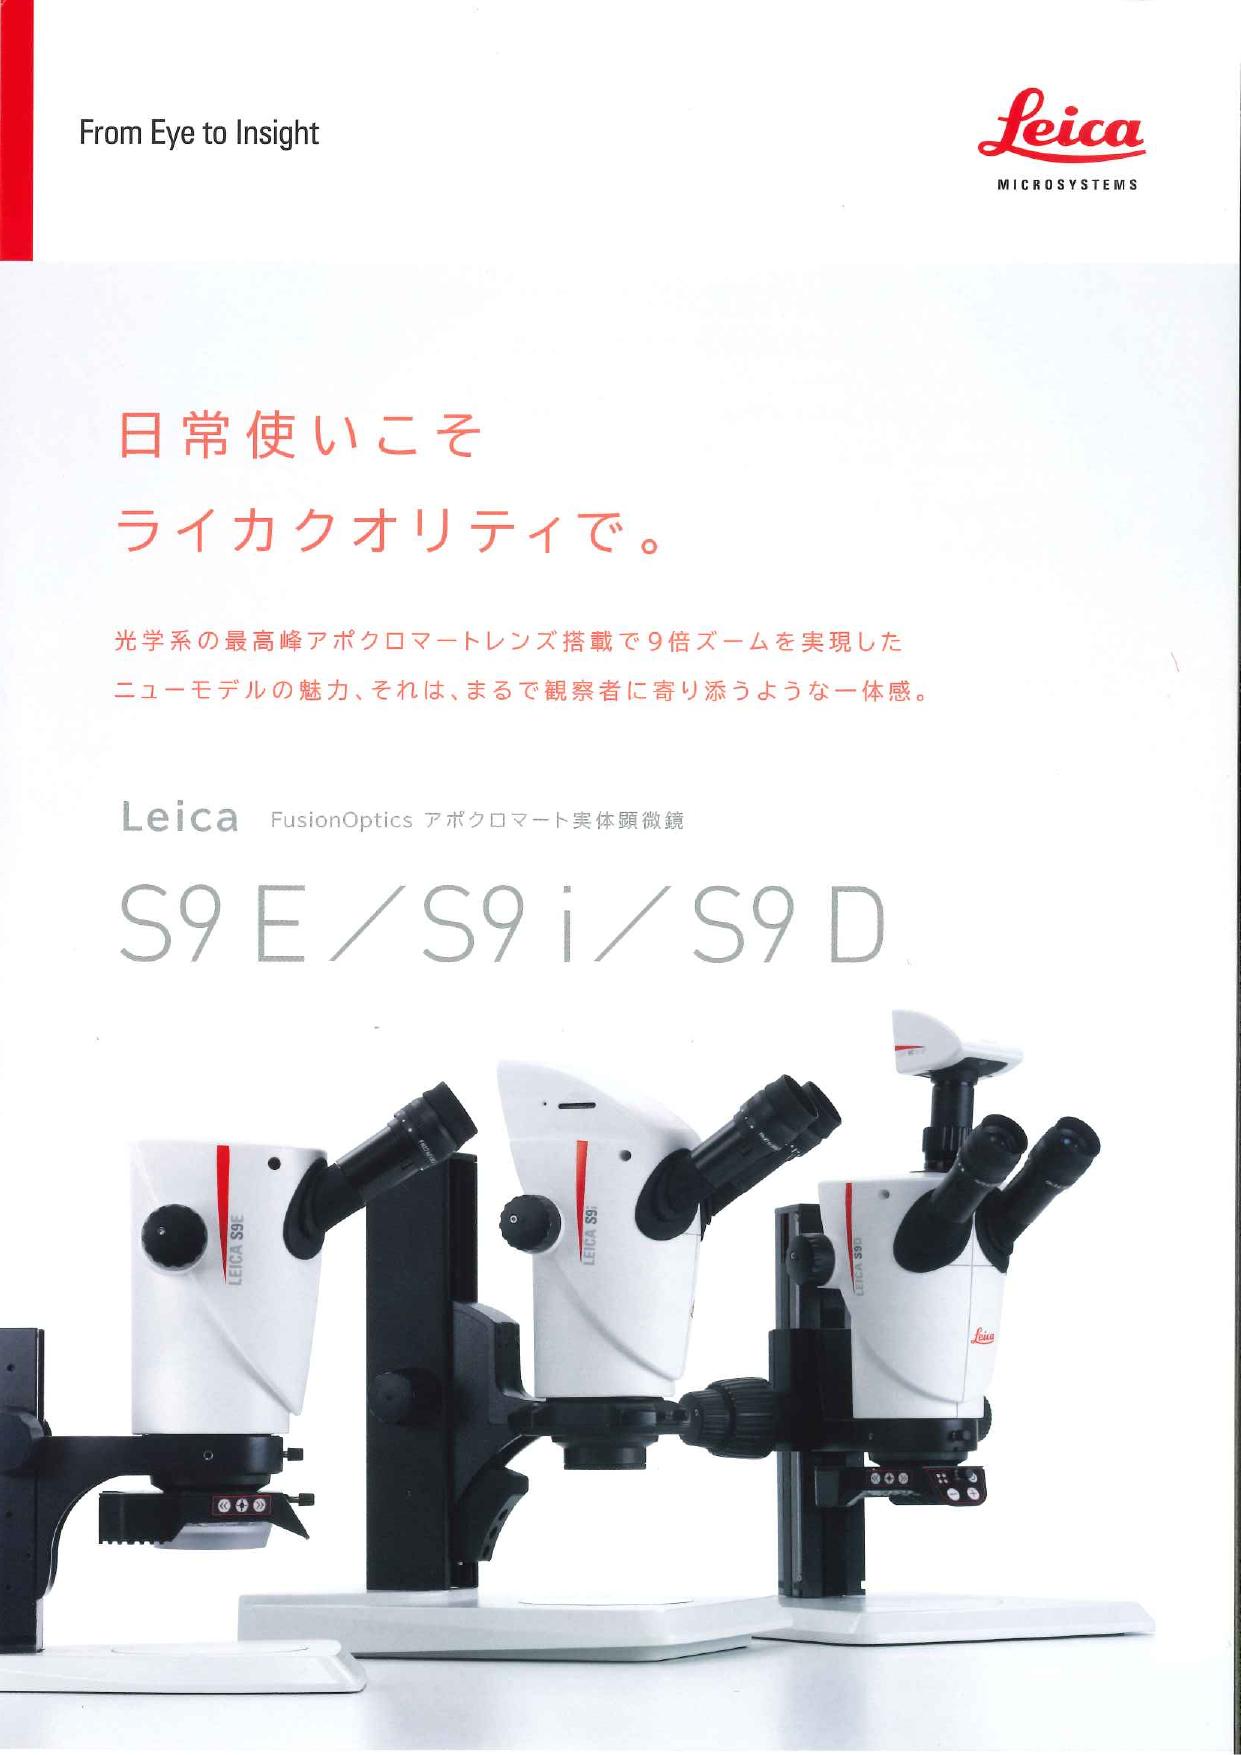 アポクロマート実体顕微鏡 S9E/S9i/S9D